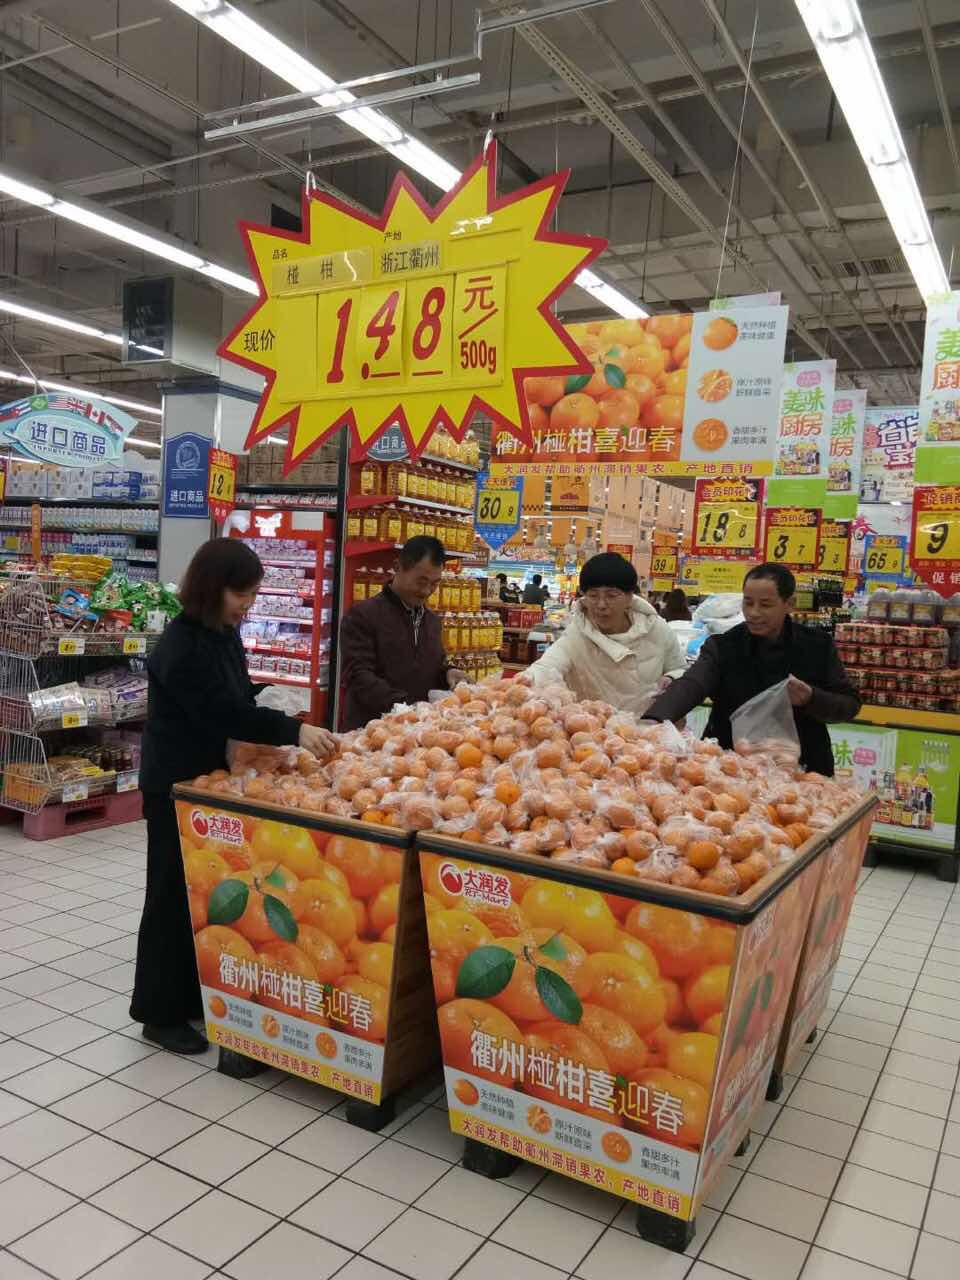 彩票网站:被媒体报道2天后,衢州百万滞销�崭淘诖笕蠓⑸霞芰�